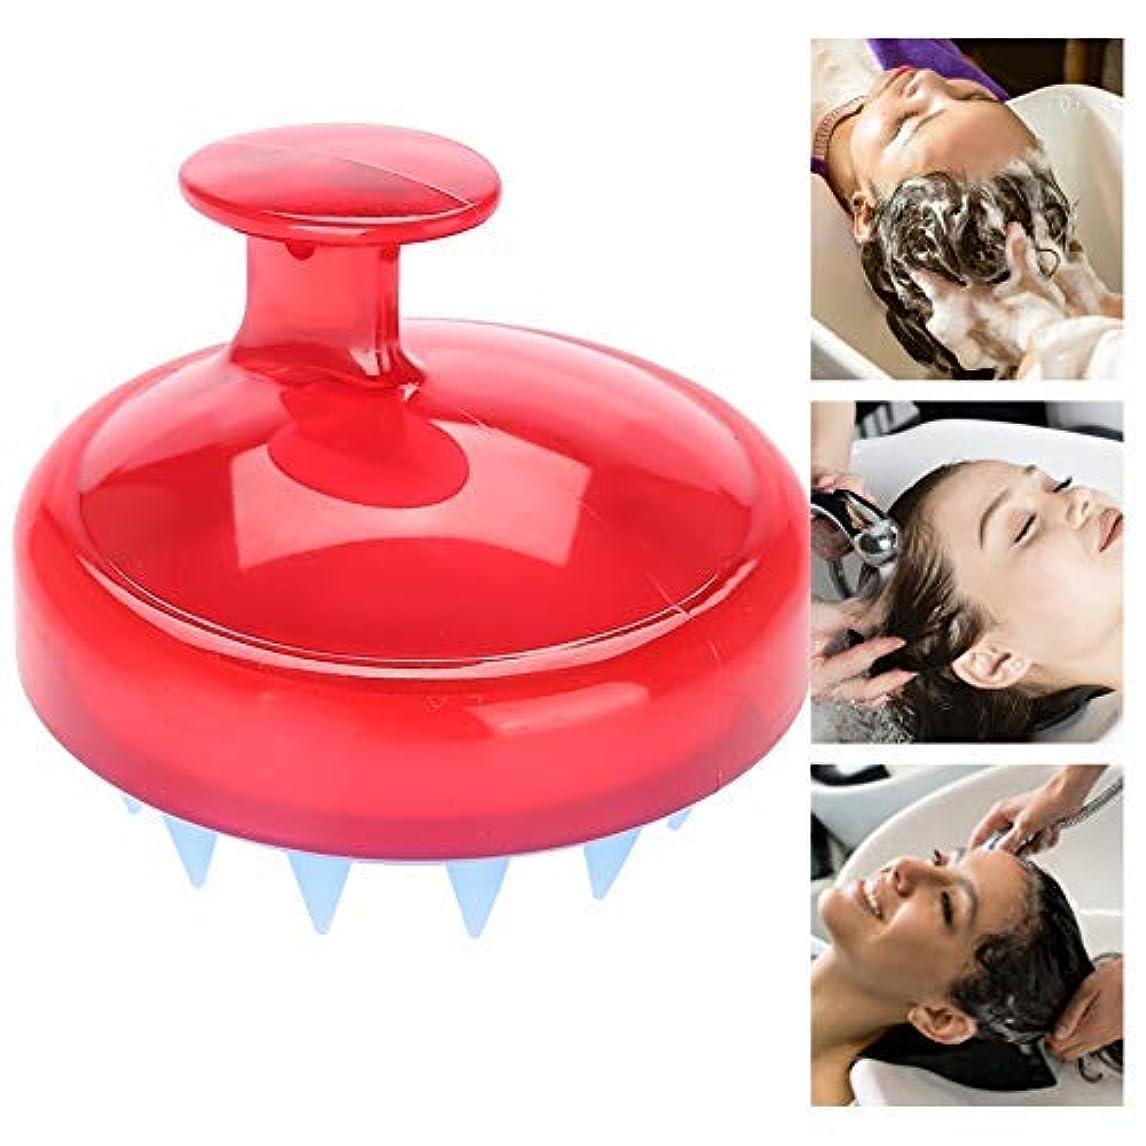 世界的に迷路重要性ヘッドマッサージャー ヘッドスパ 頭皮ケア ヘッドマッサージャー緩和 不眠症改善 髪質改善 睡眠 頭痛改善 血行促進 発毛促進(赤)